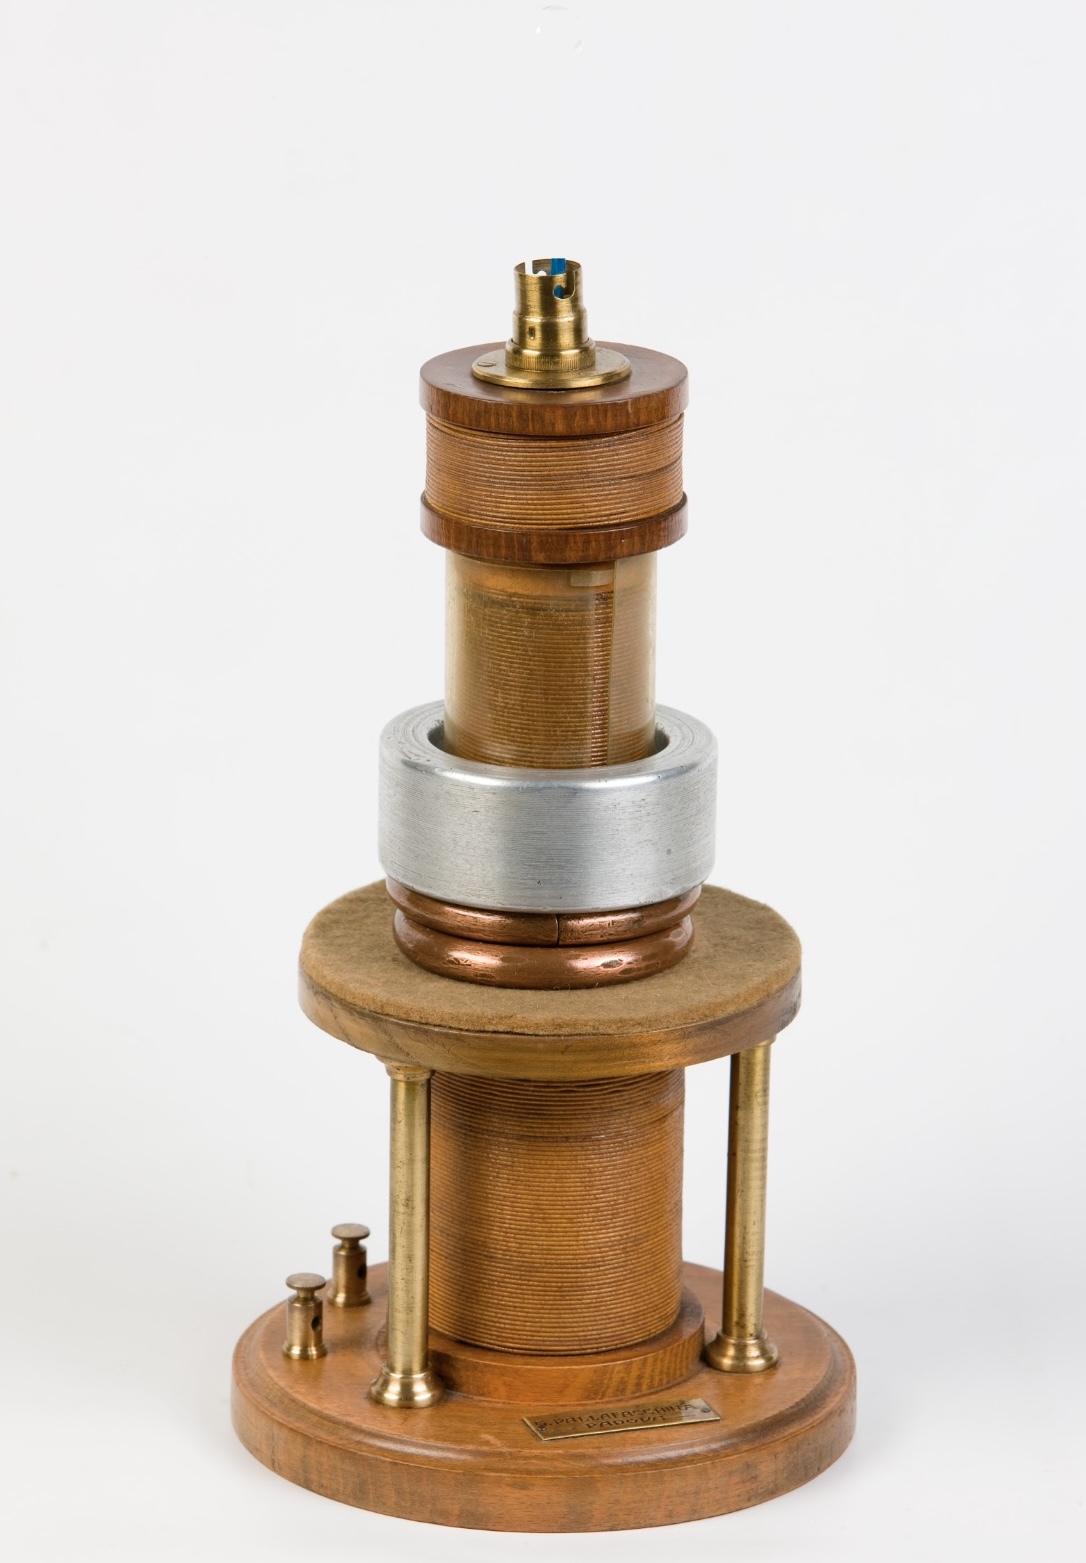 12- Apparecchio di Elihu Thomson per esperienze sull'induzione elettromagnetica